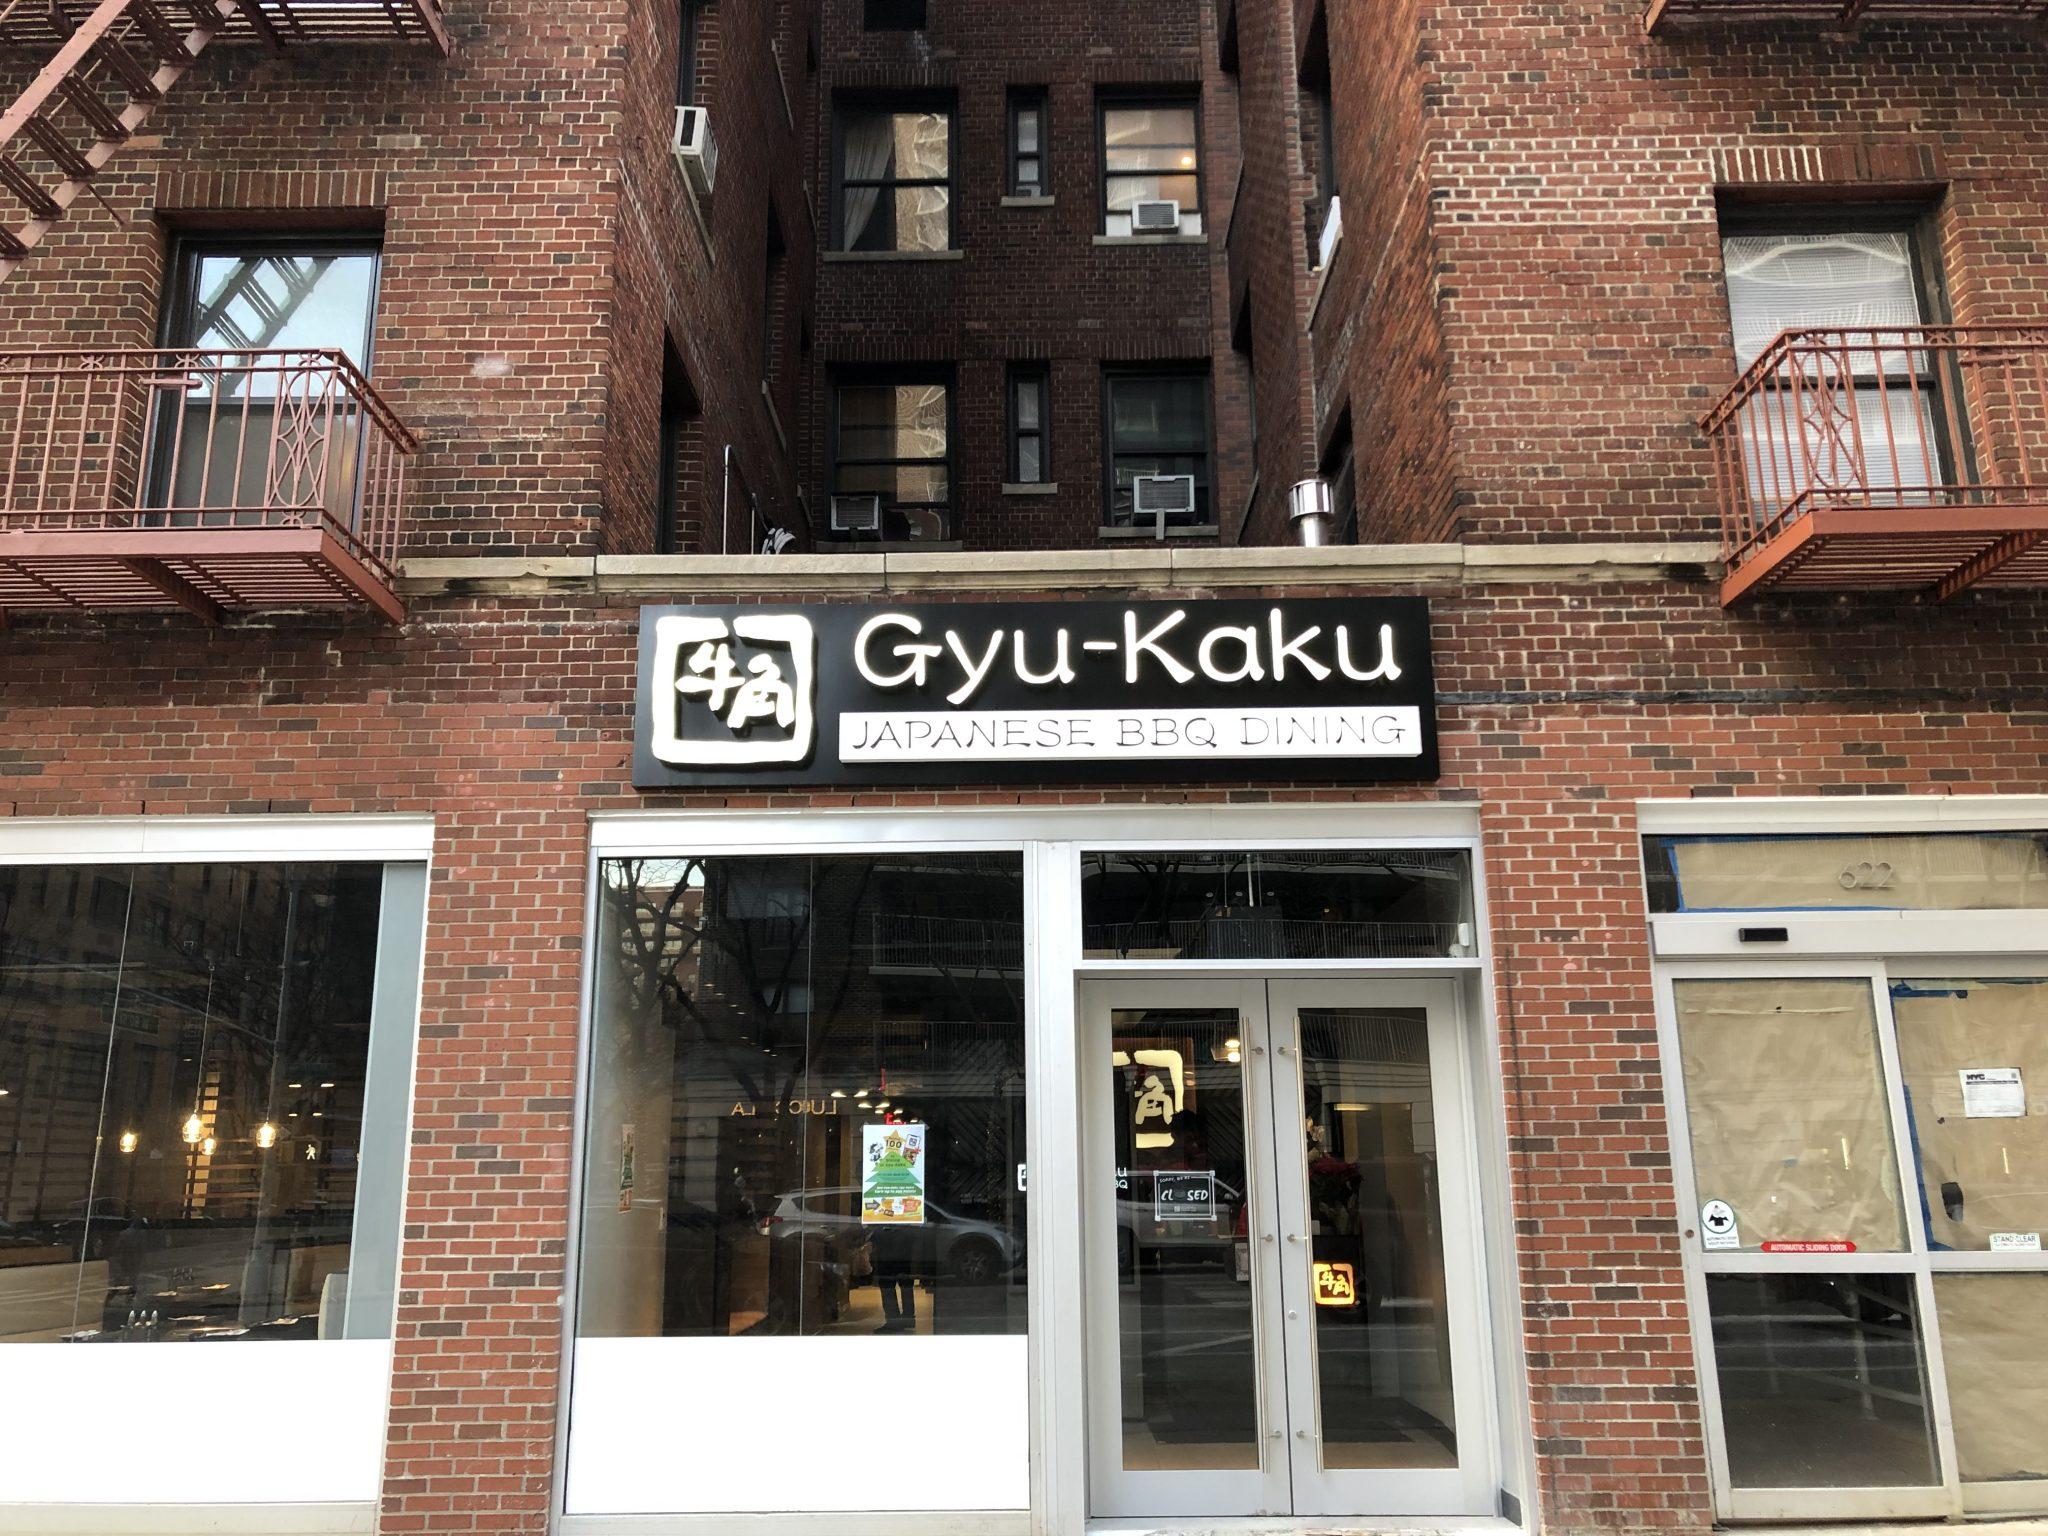 Gyu-Kaku Amsterdam Exterior